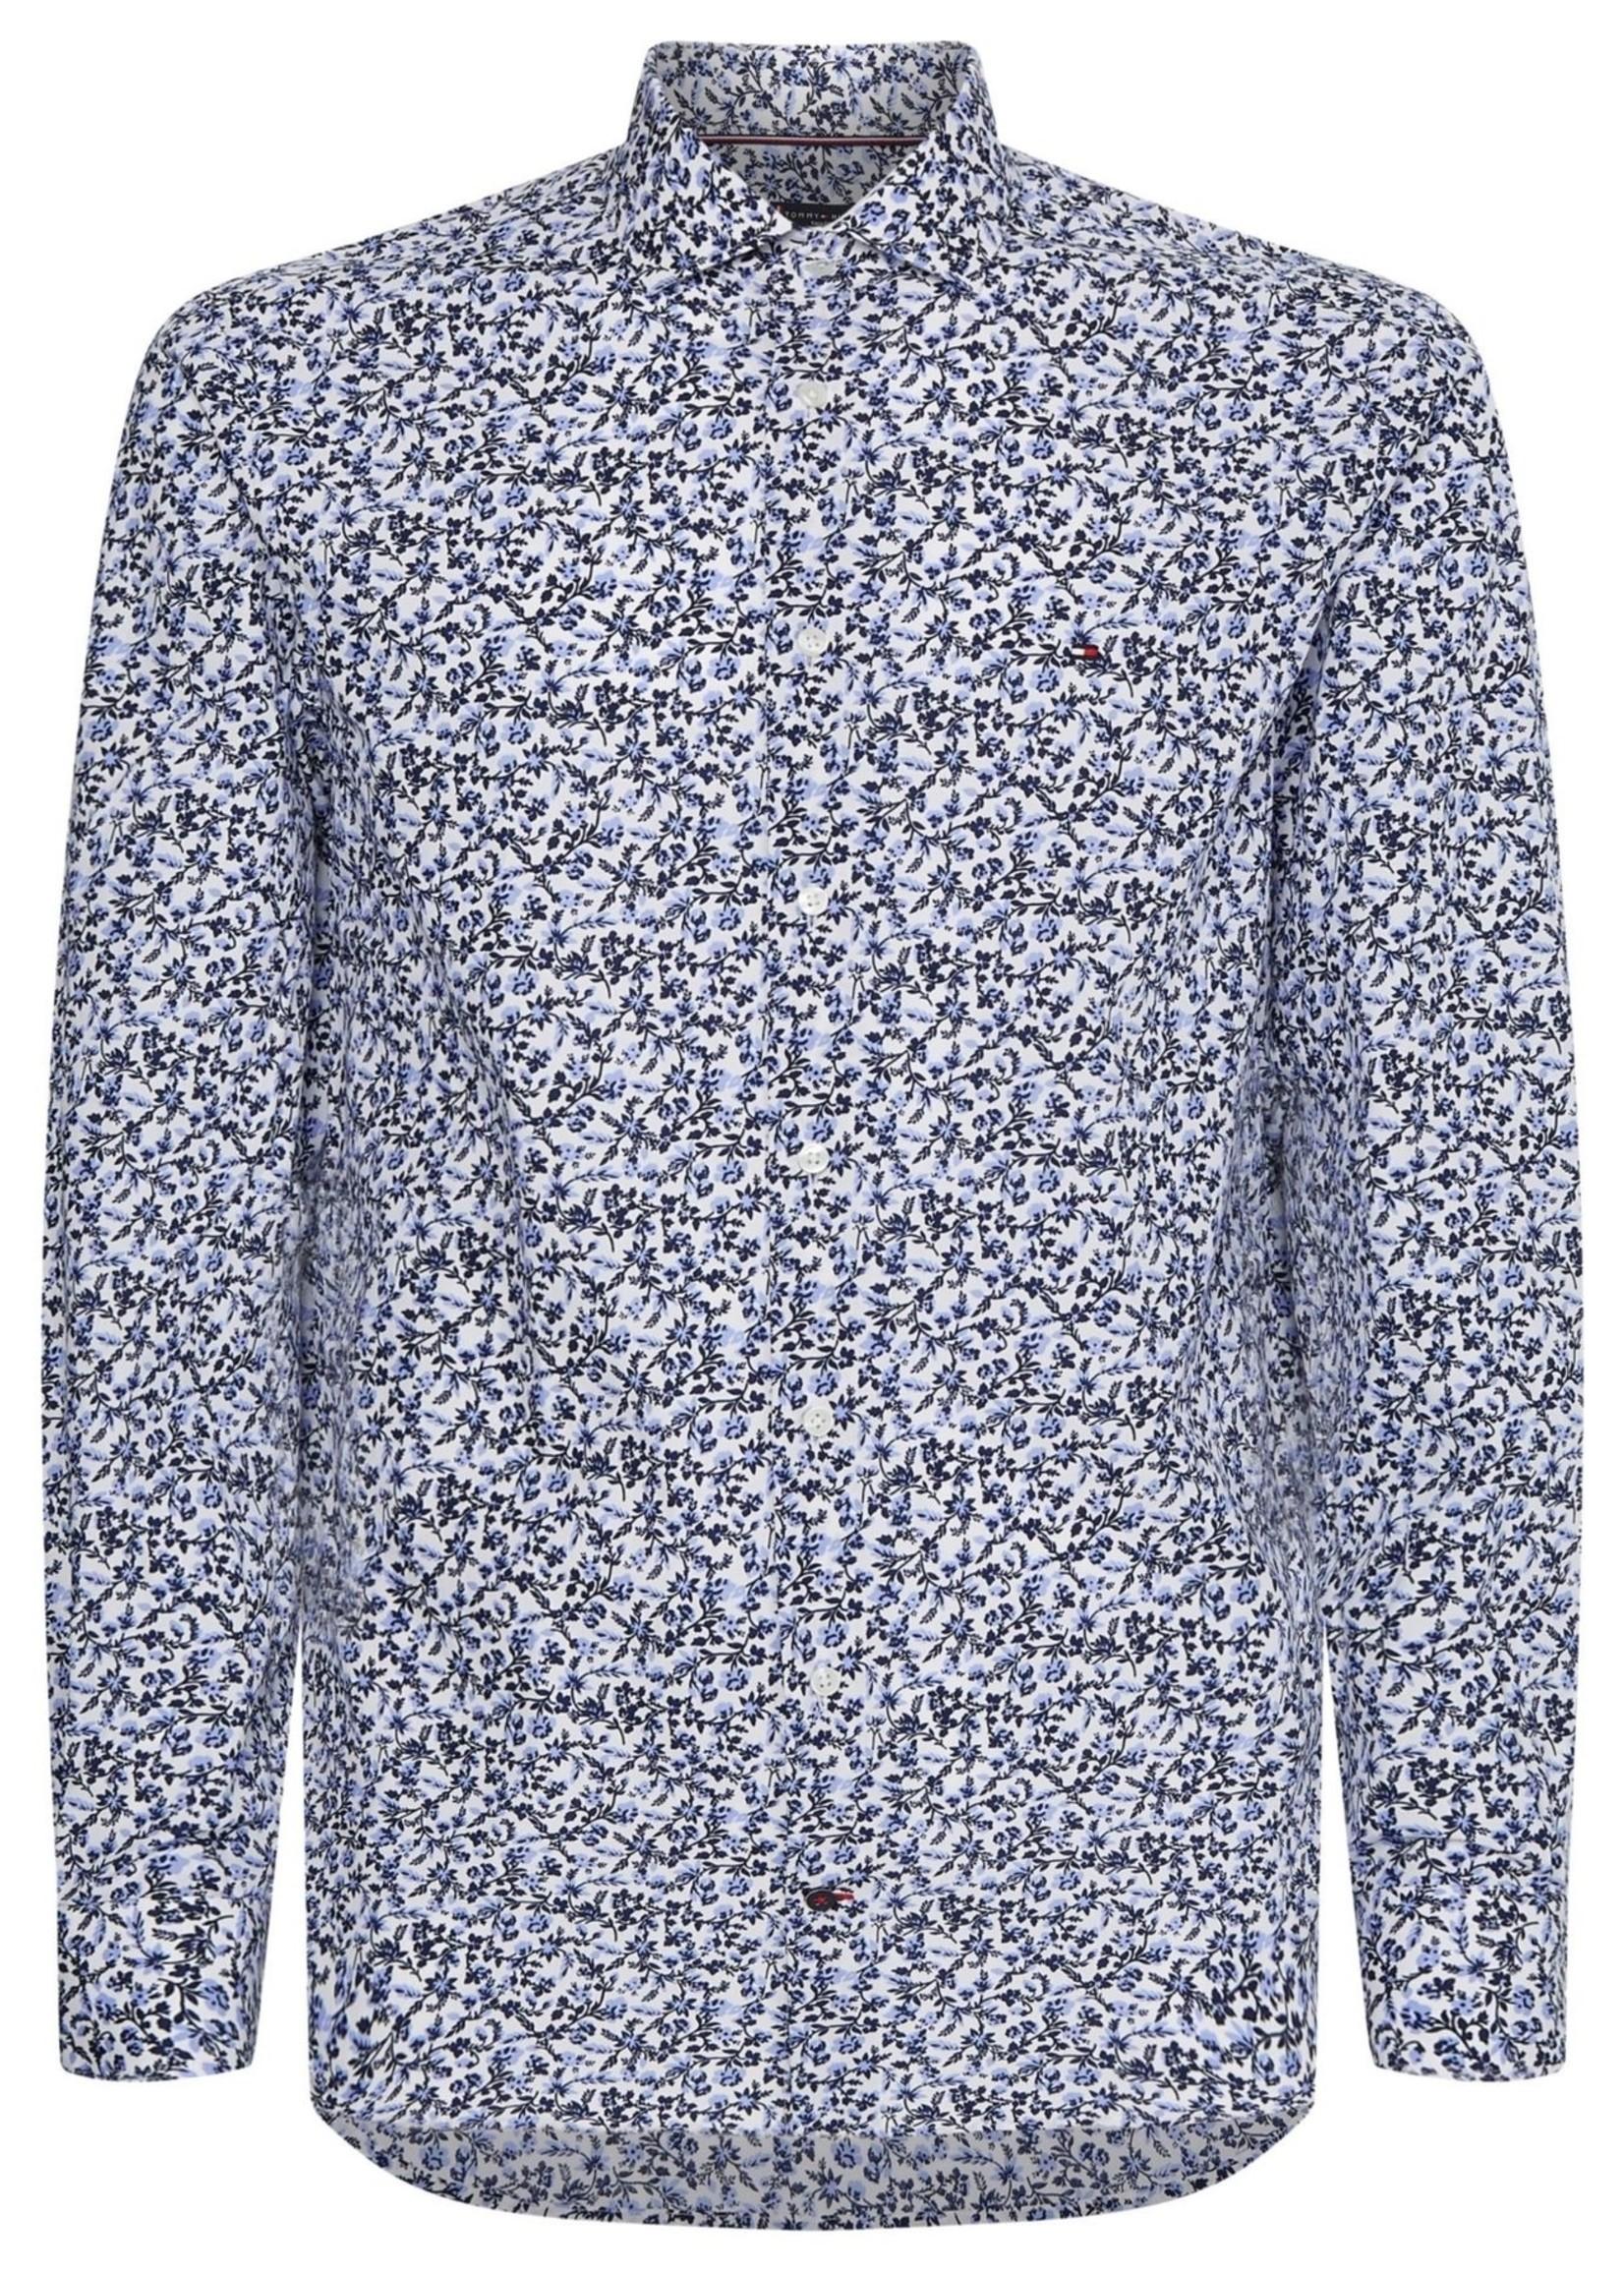 Tommy Hilfiger Large Floral Print Slim Shirt | Light Blue/White/Navy | Tommy Hilfiger